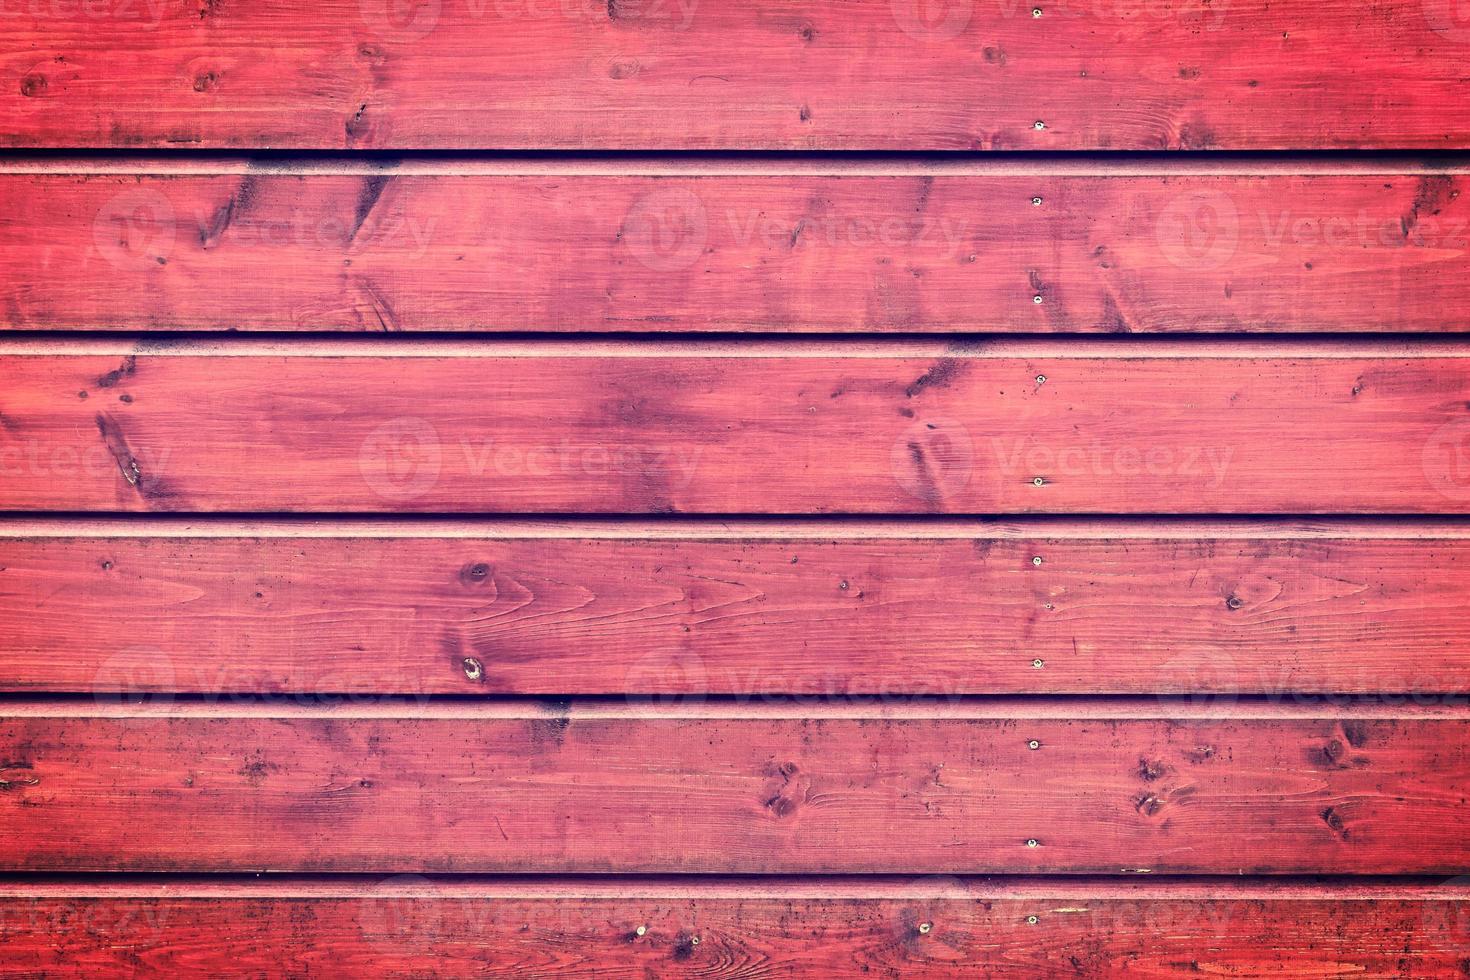 la struttura in legno rosso con motivi naturali foto